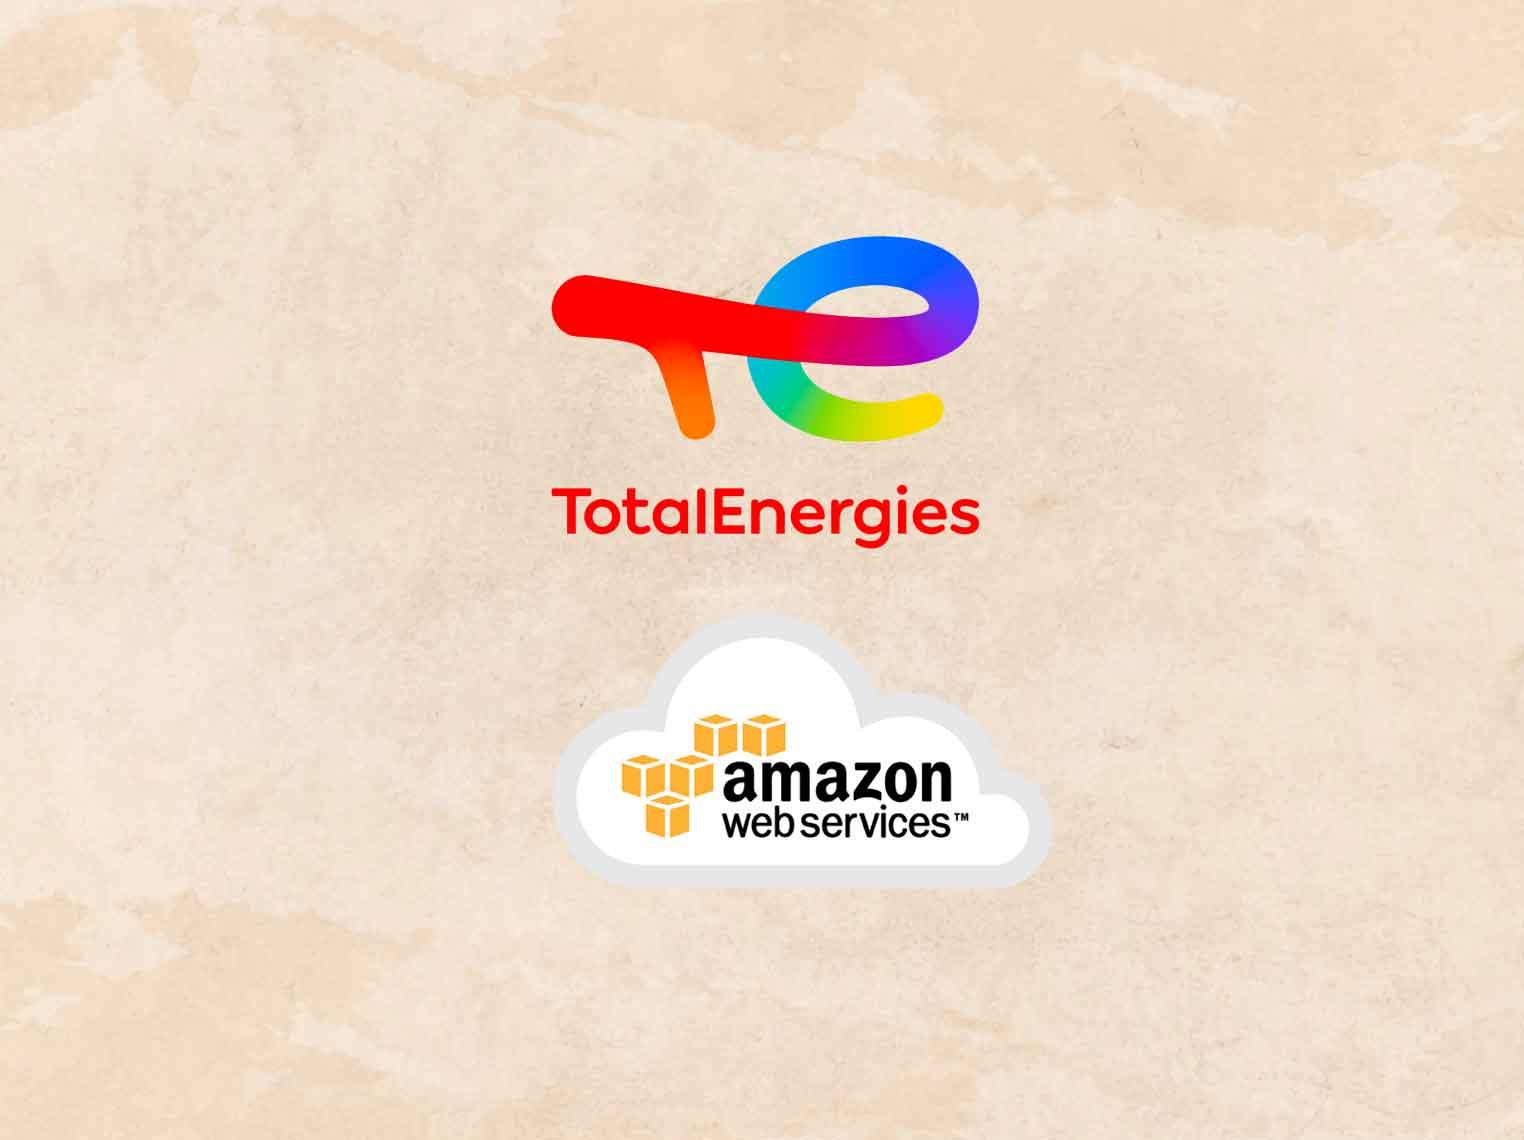 آمازون توافقنامه خرید توان 474 مگاواتی را با TotalEnergies امضا کرد